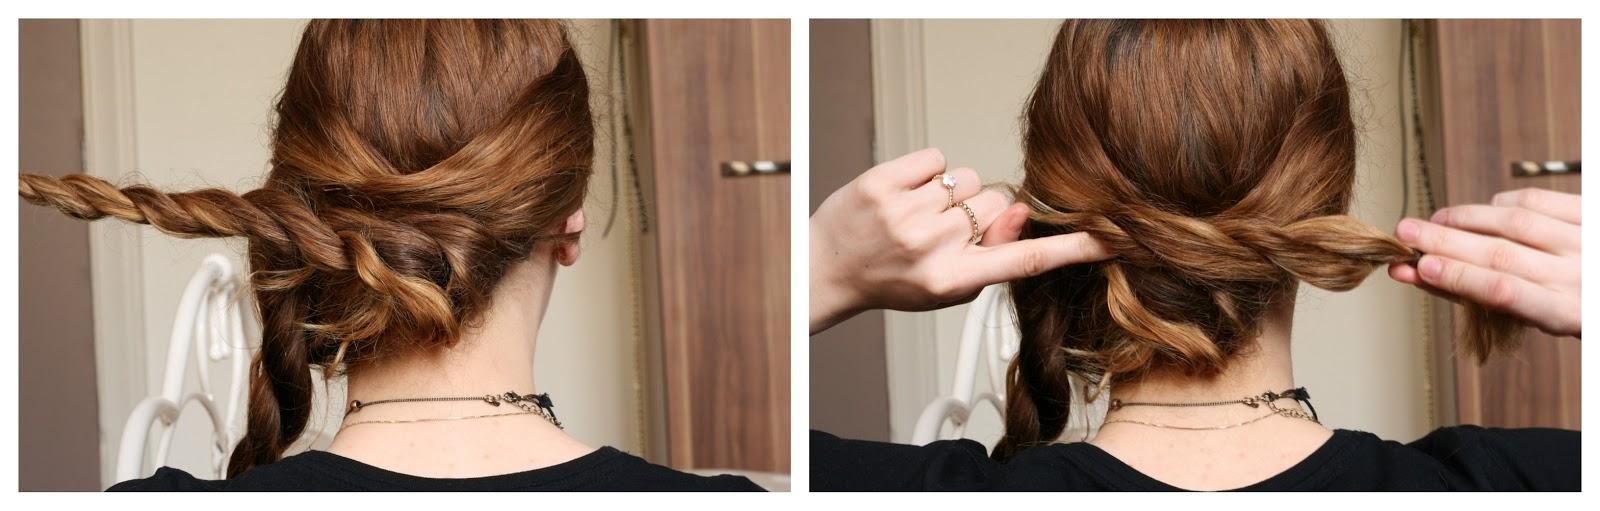 vida nullvier eine einfache hochsteckfrisur f r bad hair days bei langen haaren. Black Bedroom Furniture Sets. Home Design Ideas